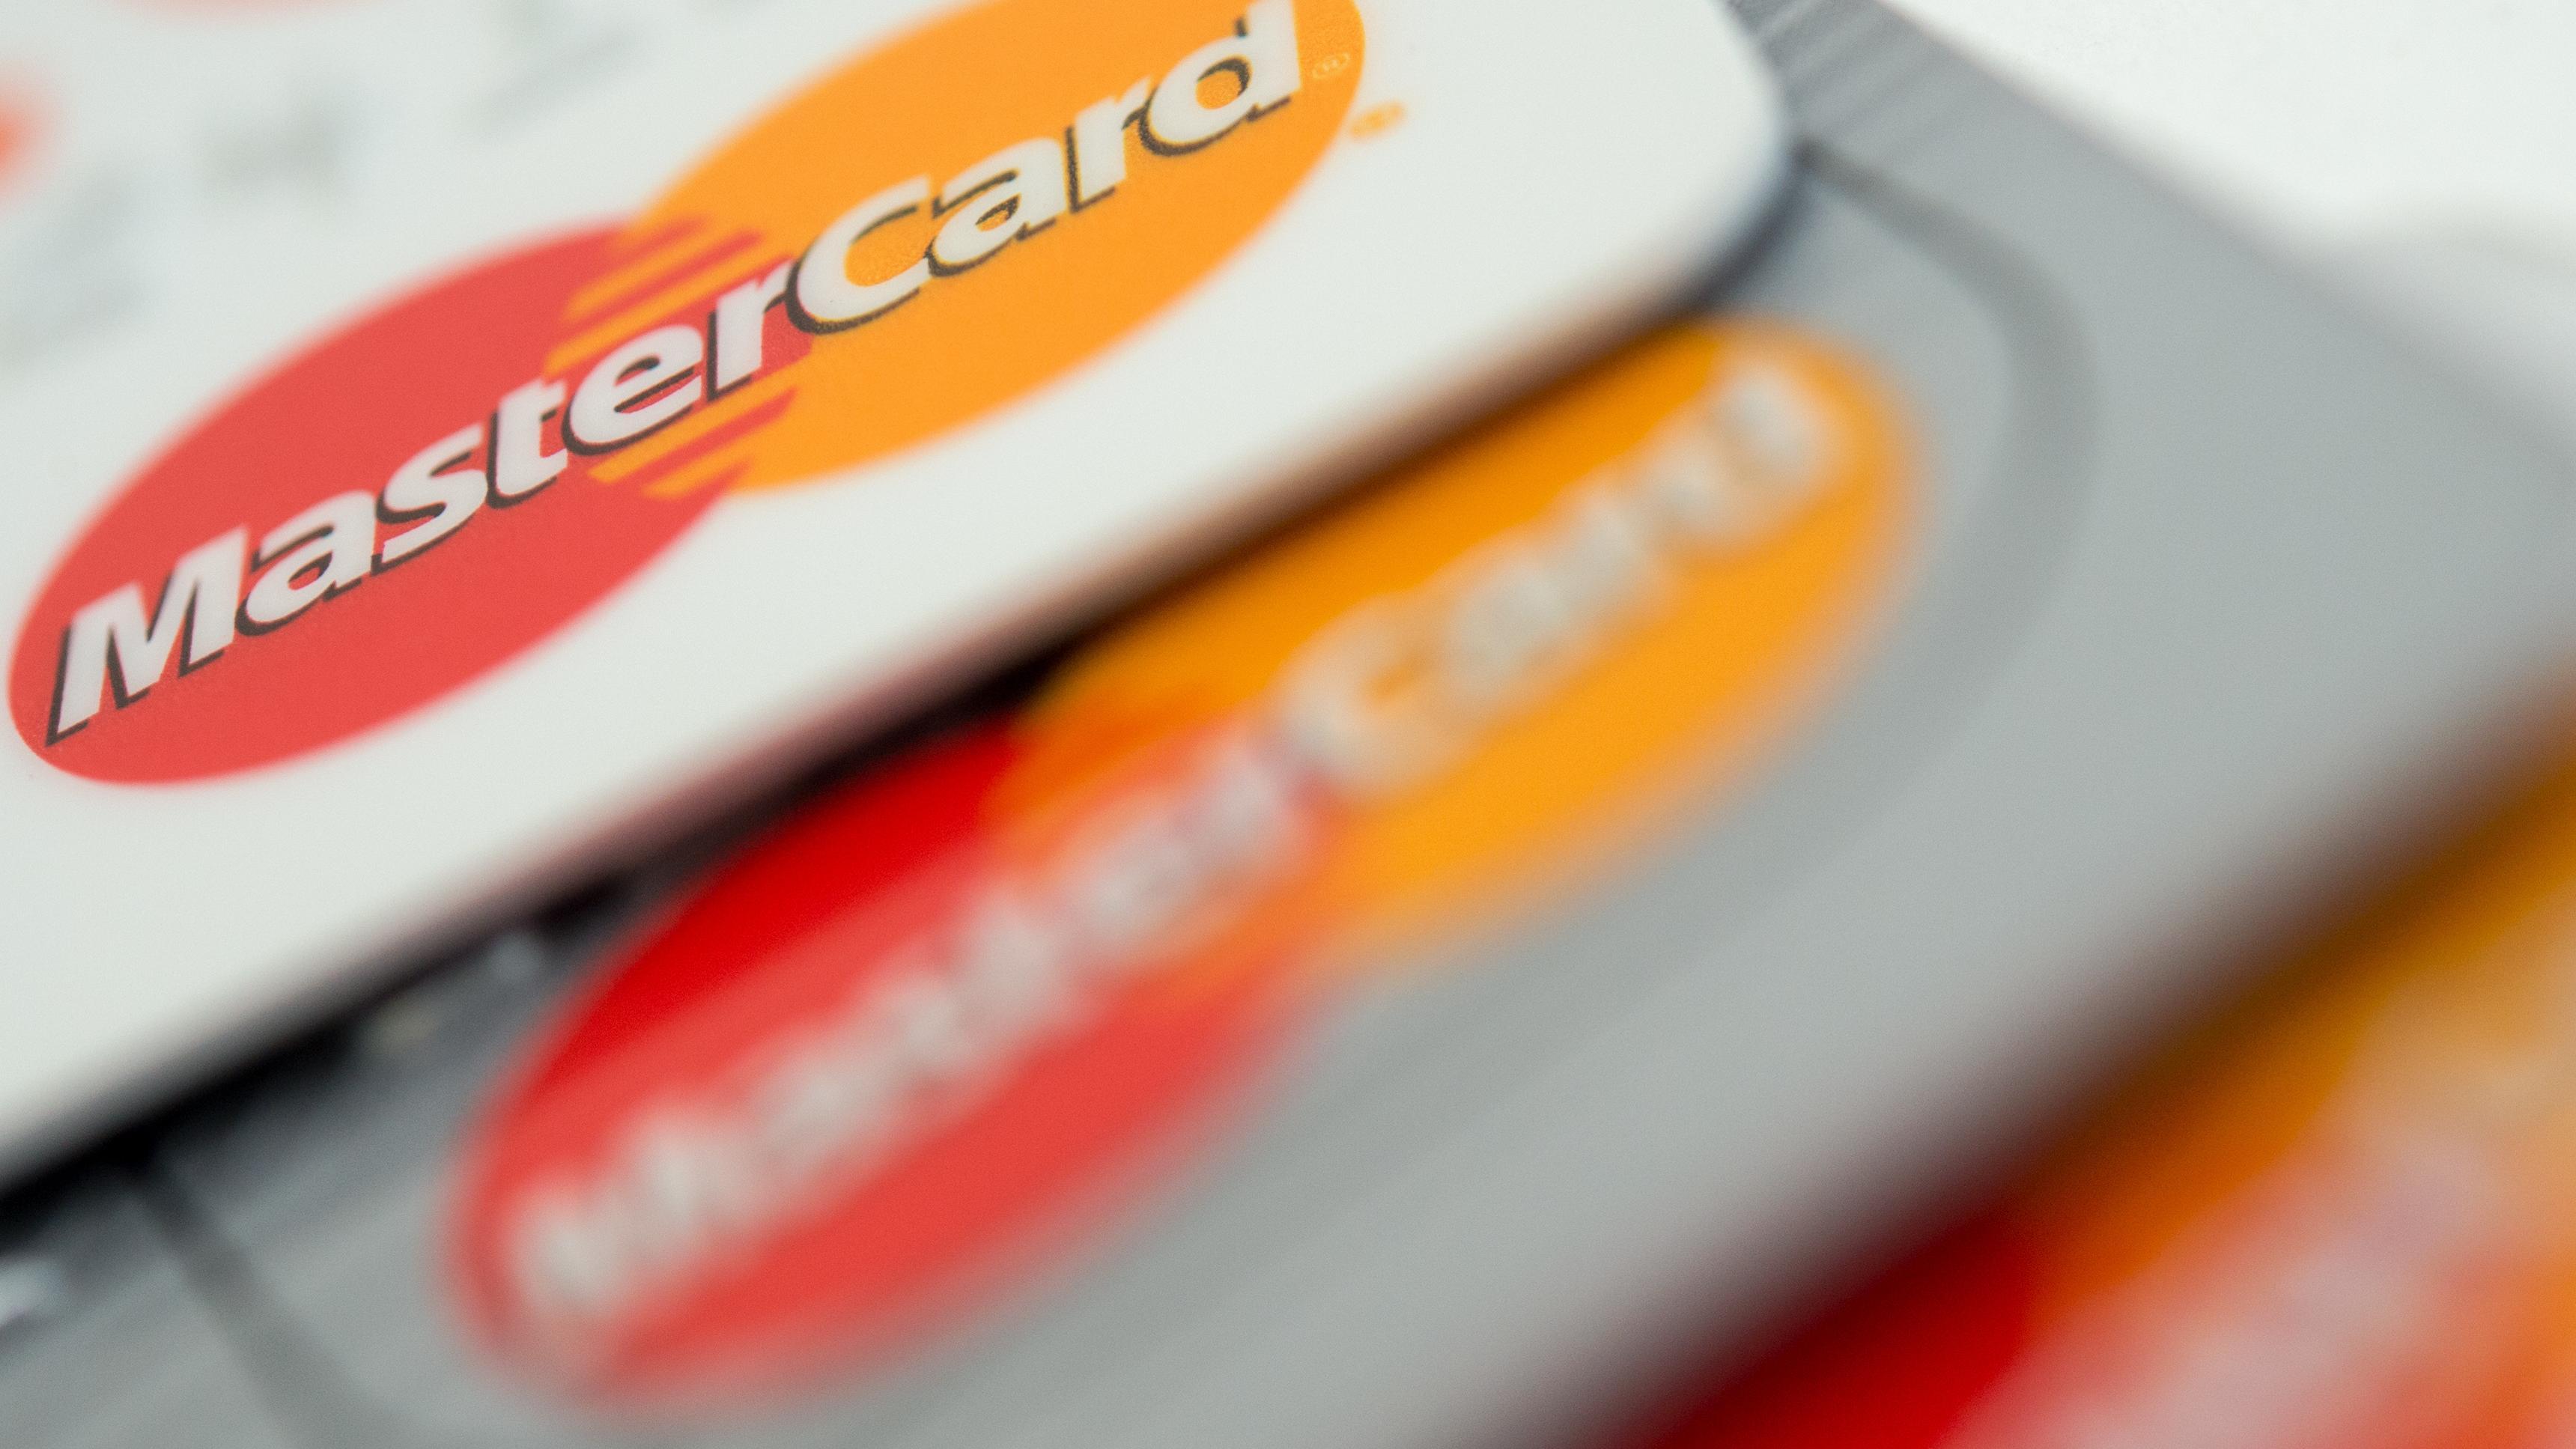 Mastercard-Karten aufeinander liegend.